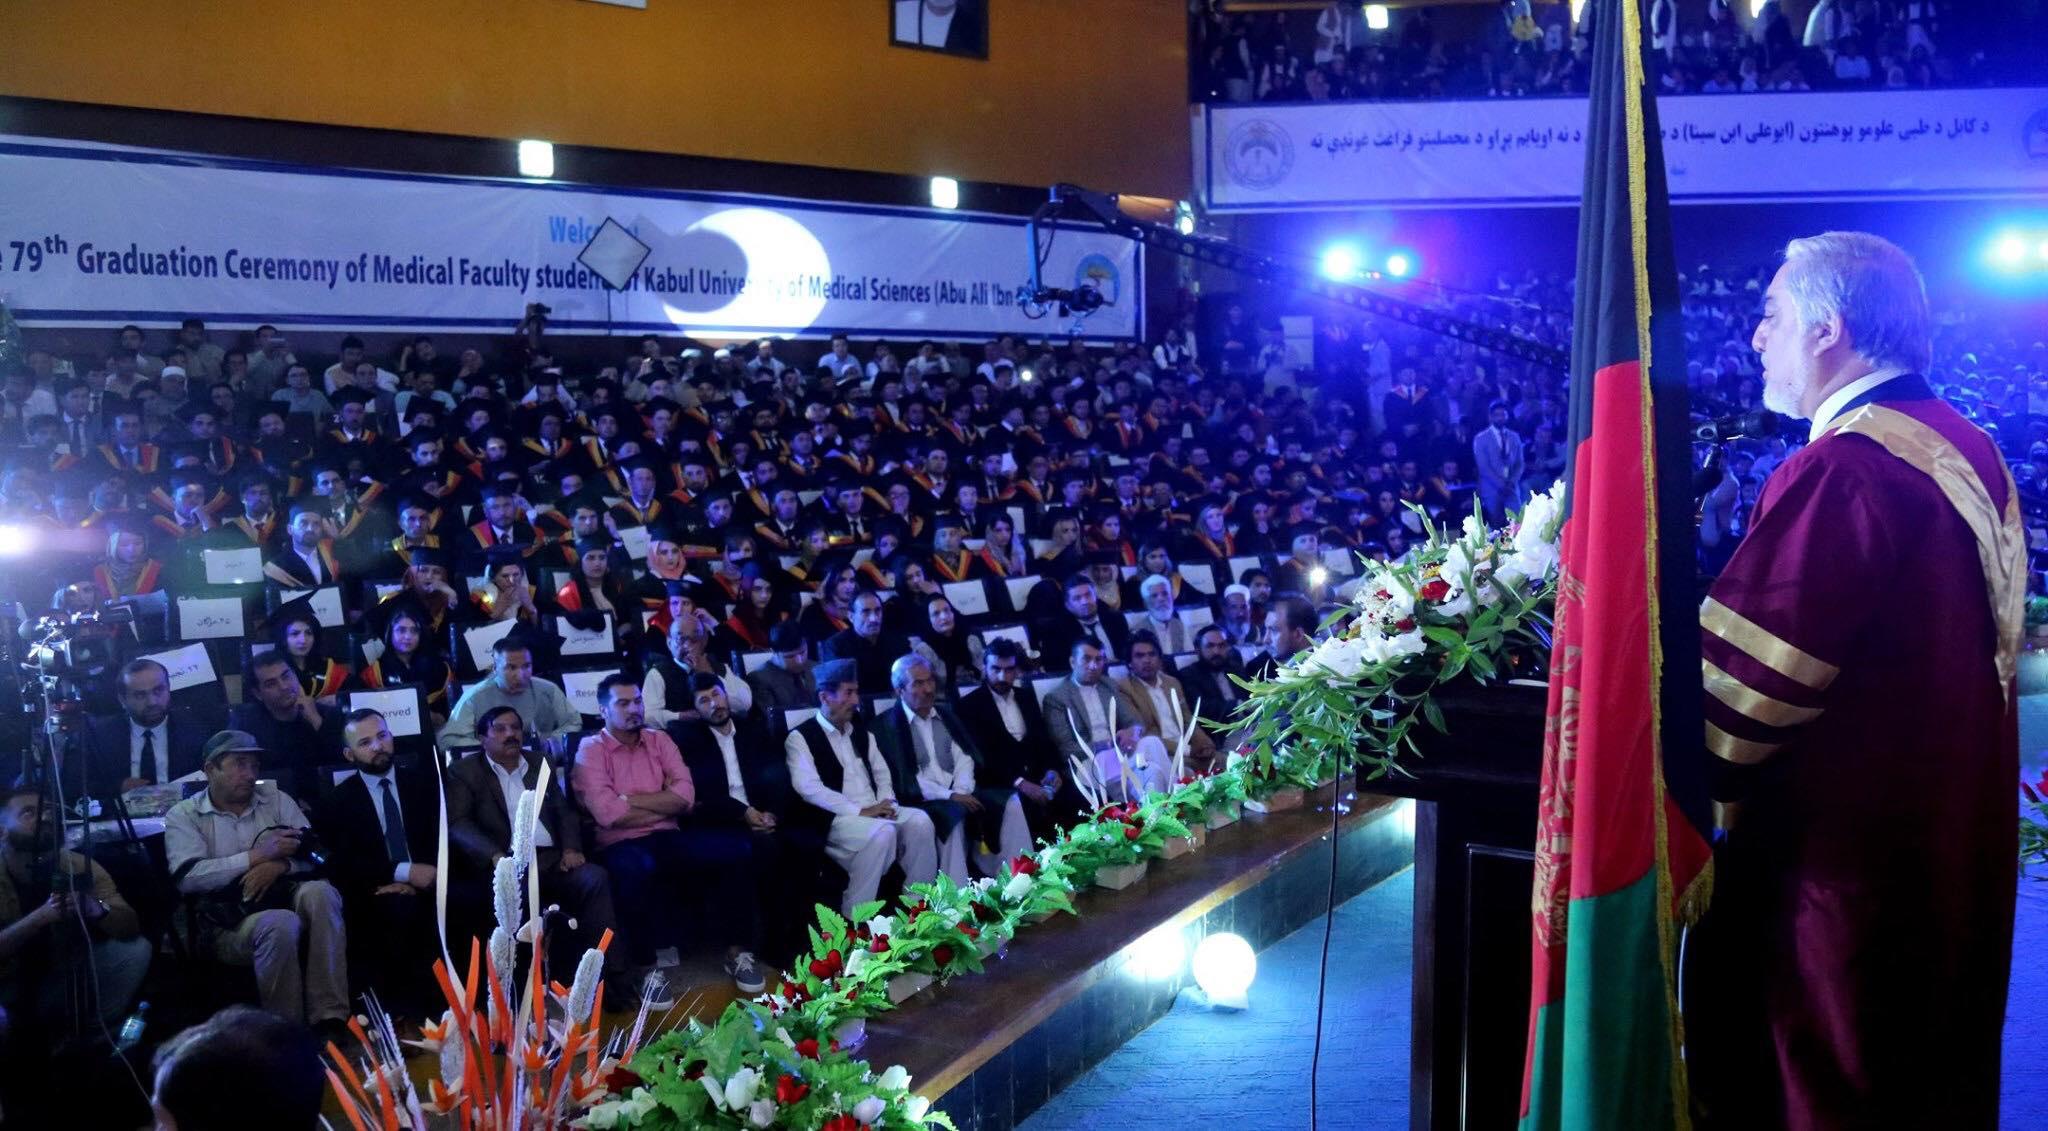 اشتراک وسخنرانی دکتور عبدالله عبدالله رئیس اجرائیه درهفتادونهمین دور فراغت محصلین دانشگاه طبی کابل